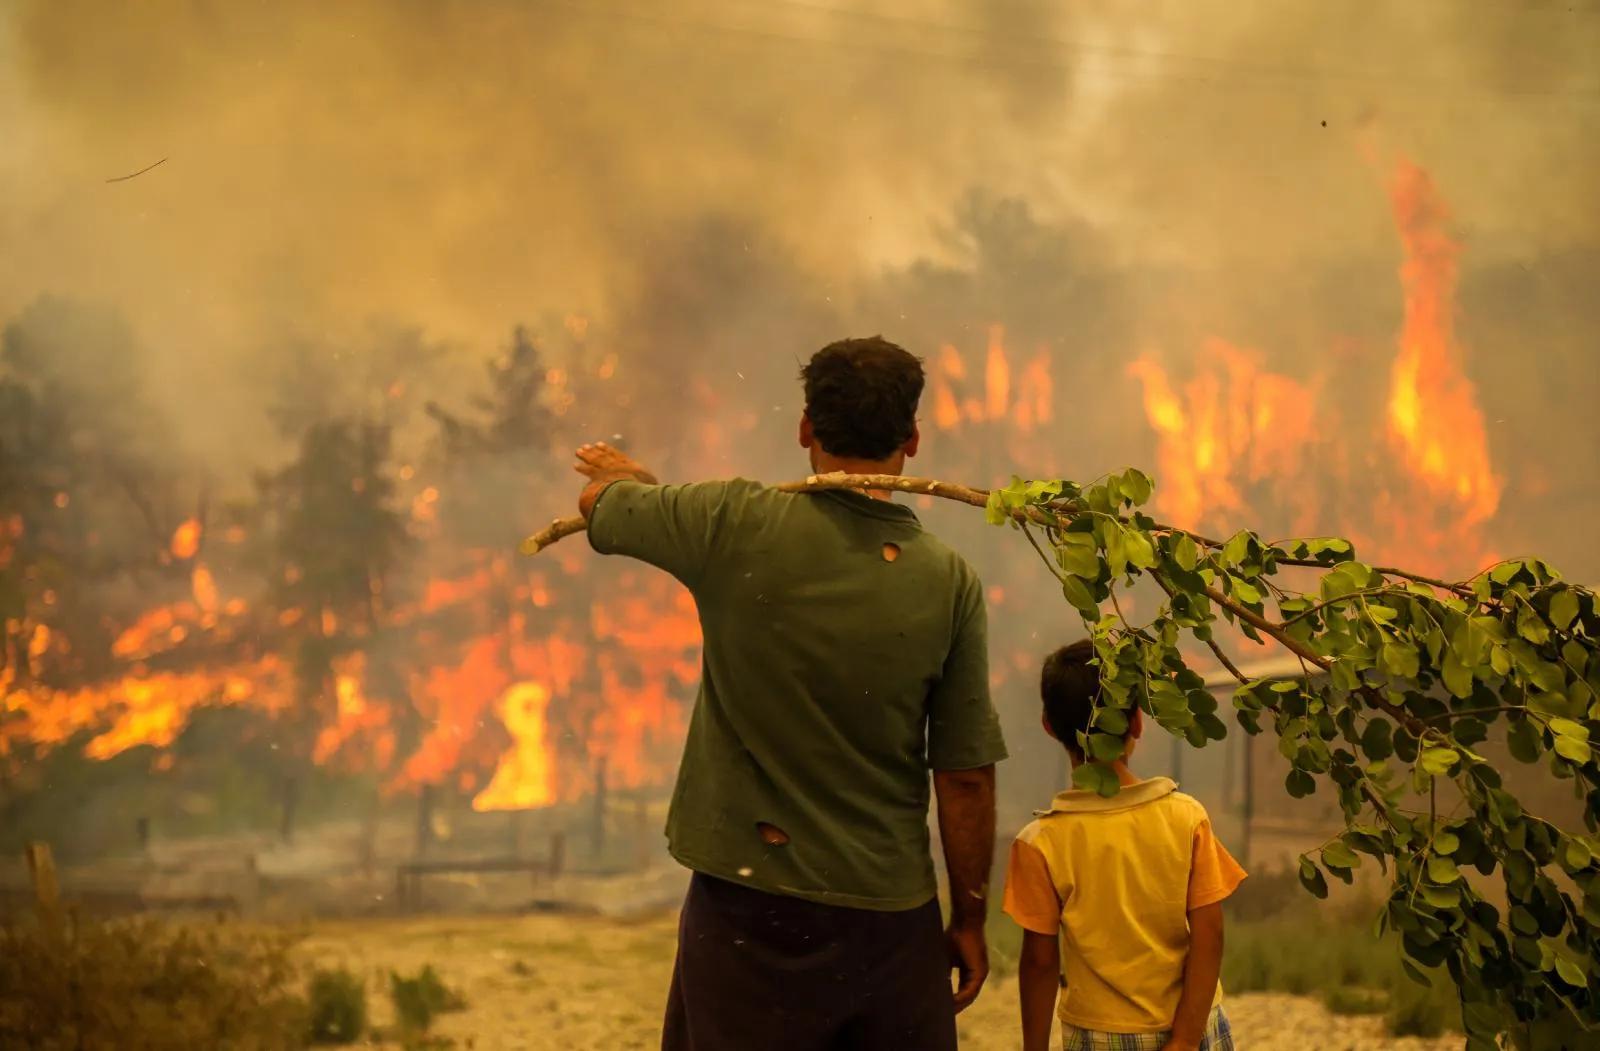 Manavgat Yangını İçin Tutuklanan Şahsın Ses Kaydı Ortaya Çıktı: 'Benzin Döke Döke, Yaka Yaka Gittim'